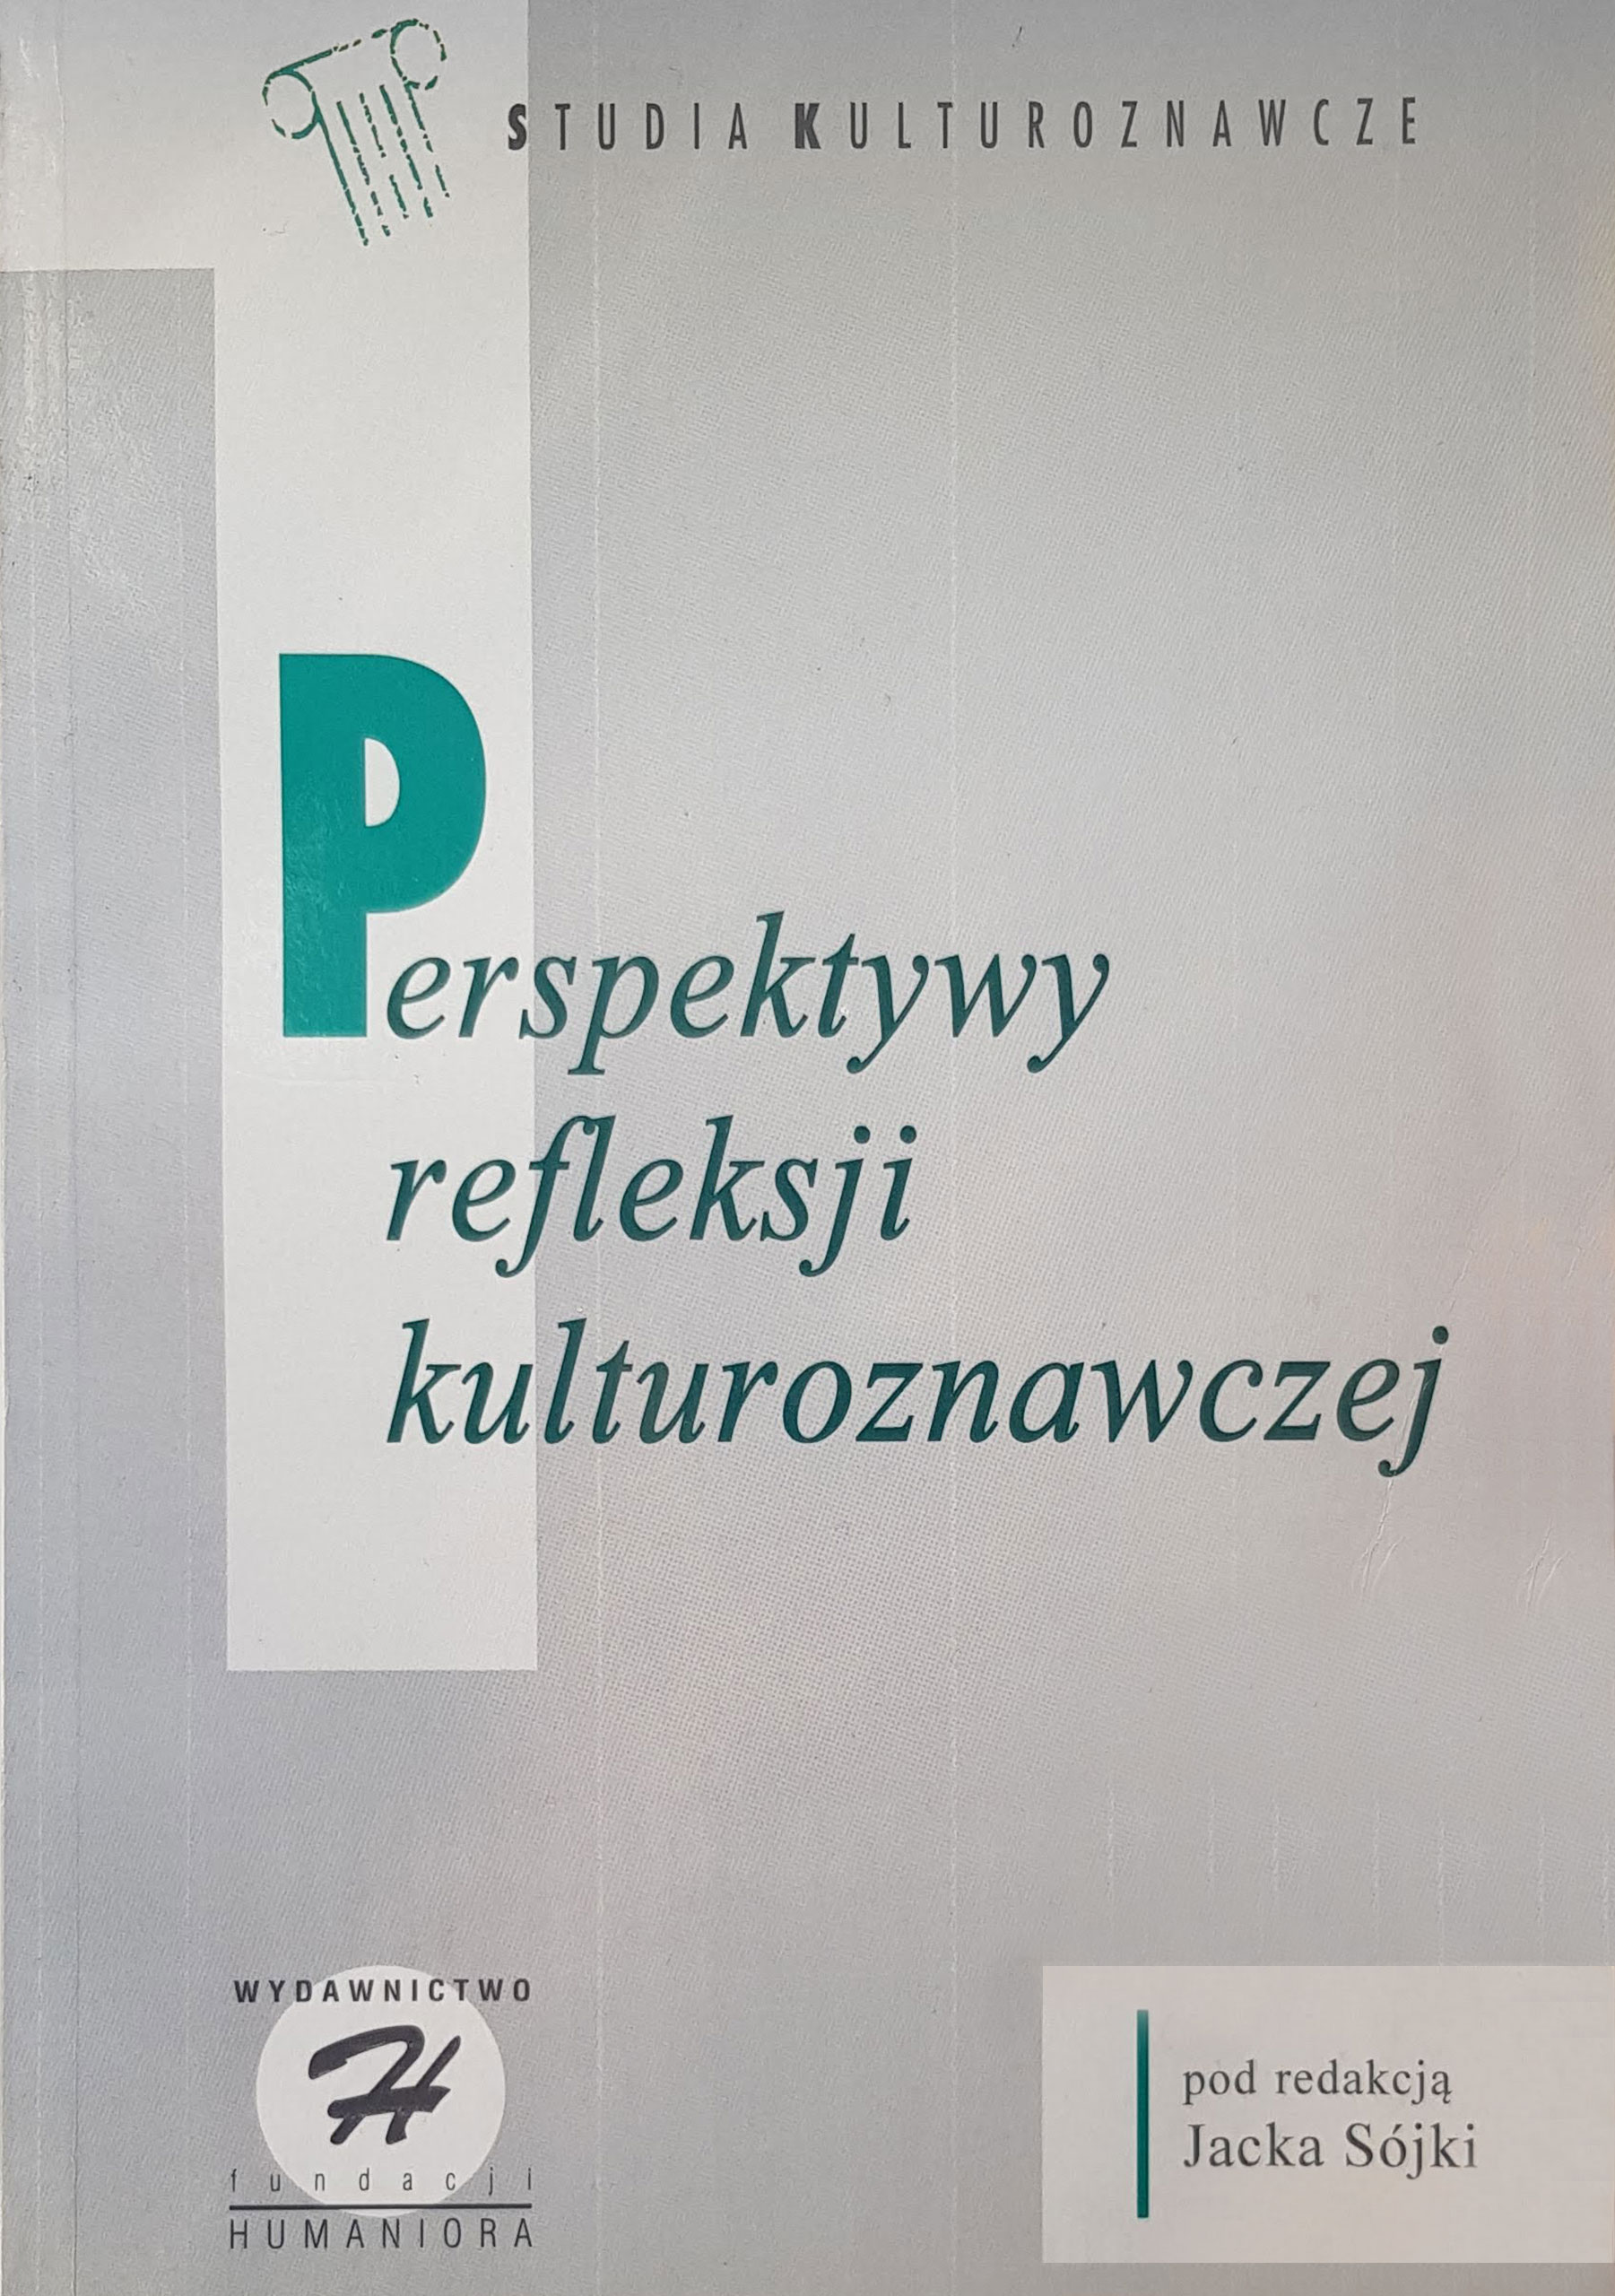 Perspektywy refleksji kulturoznawczej - Kulturoznawstwo UAM